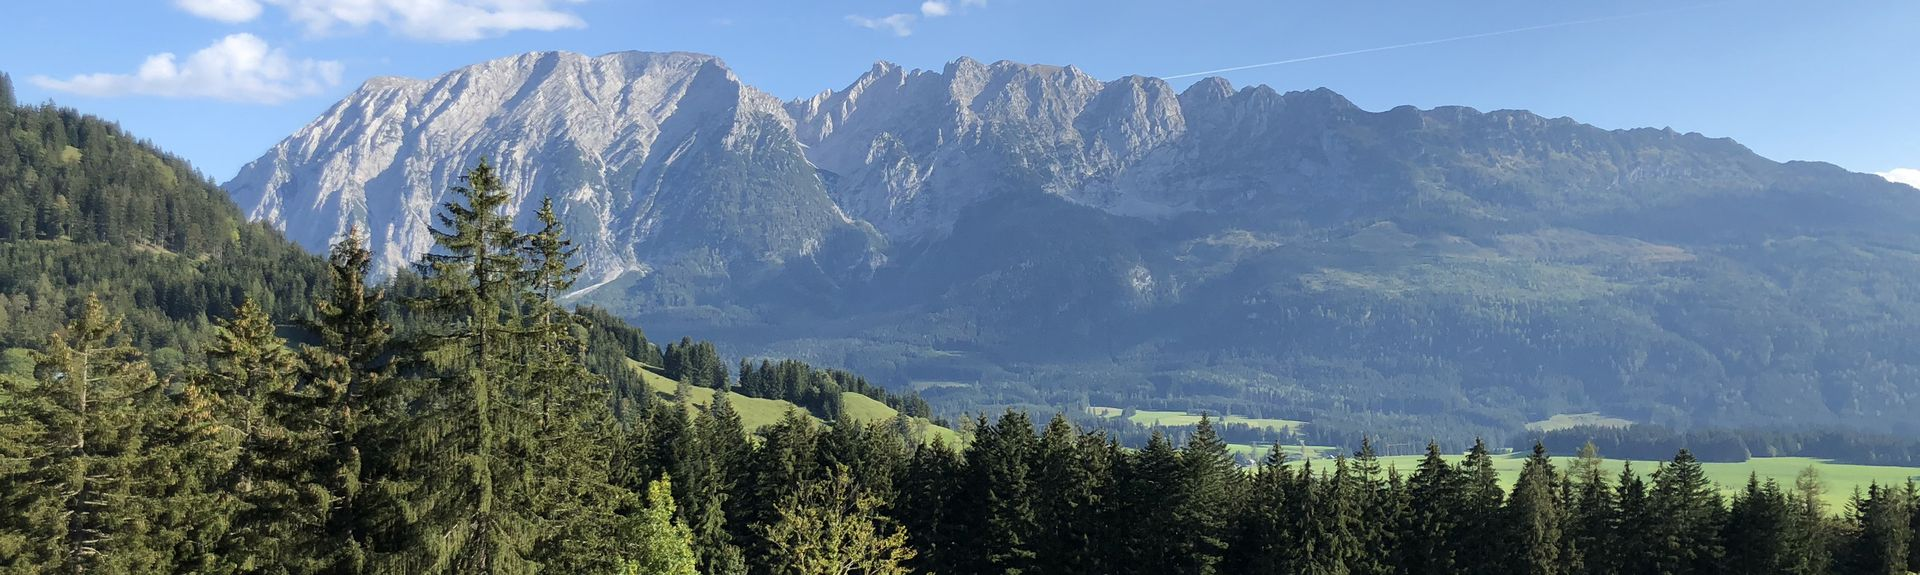 Bad Ischl Station, Austria